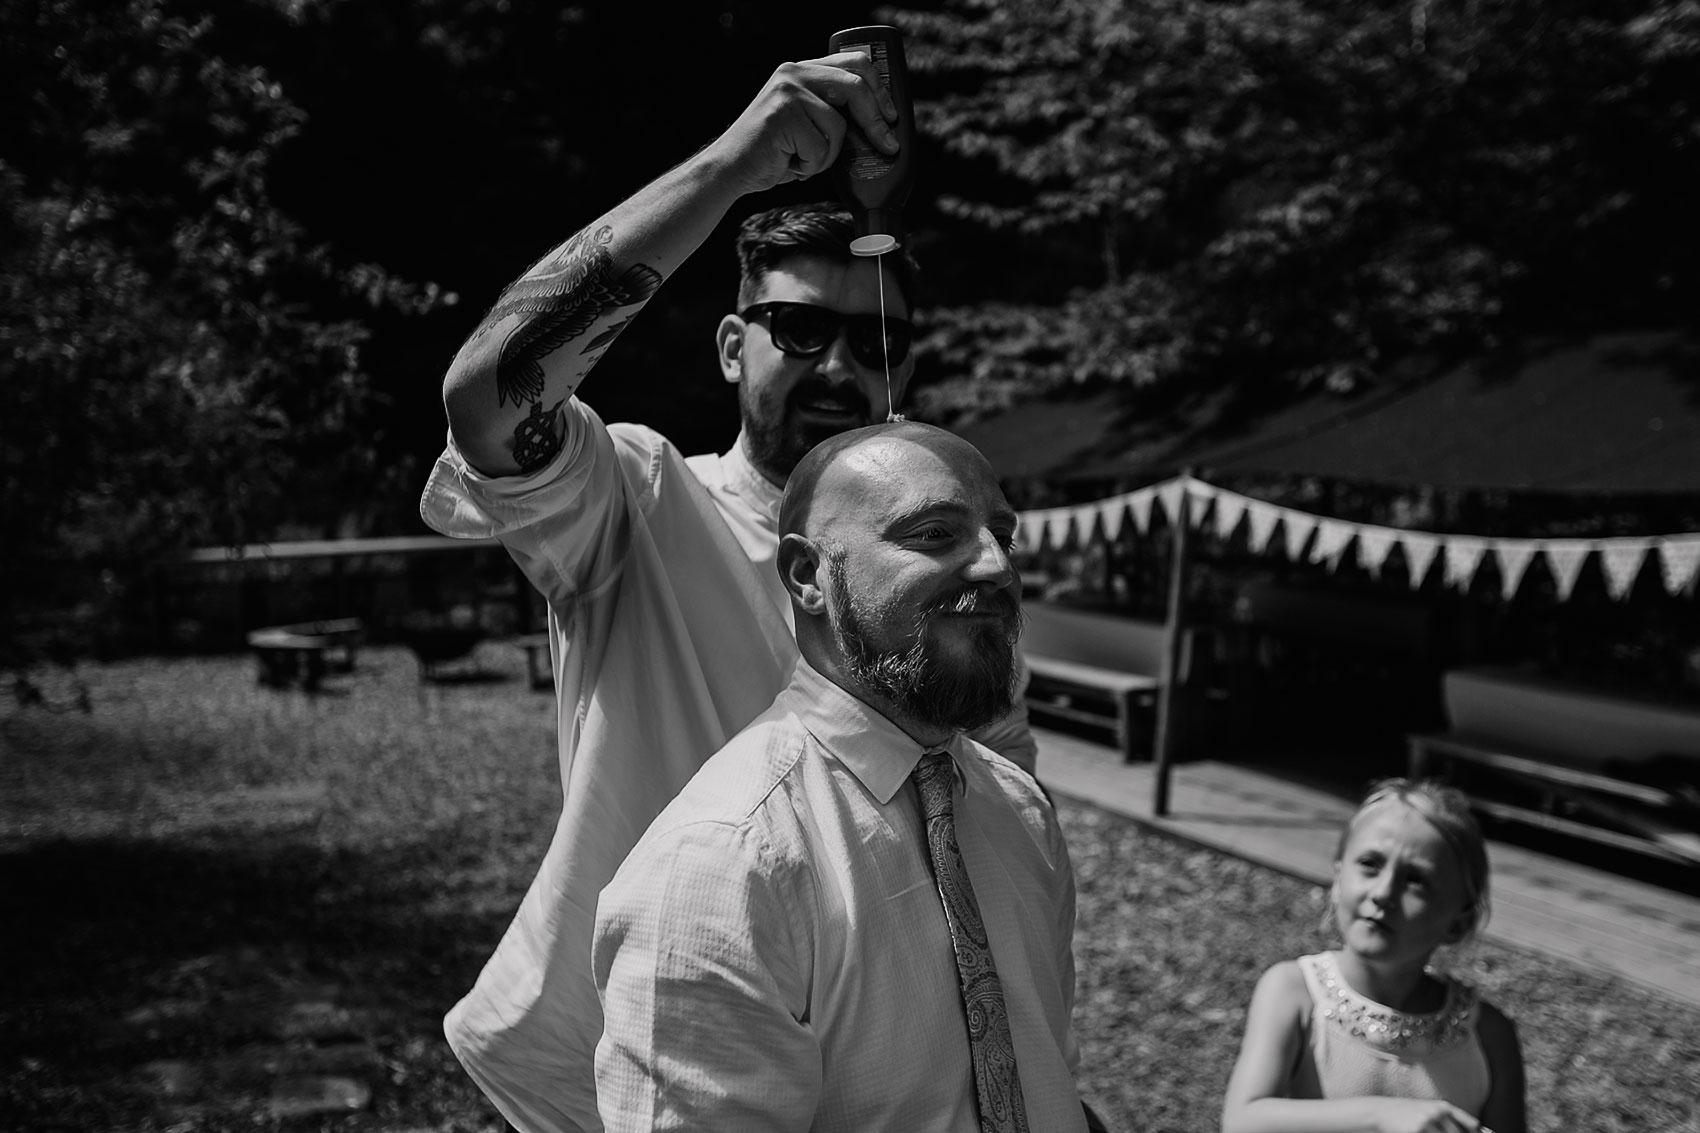 woodland wedding alternative couples photography